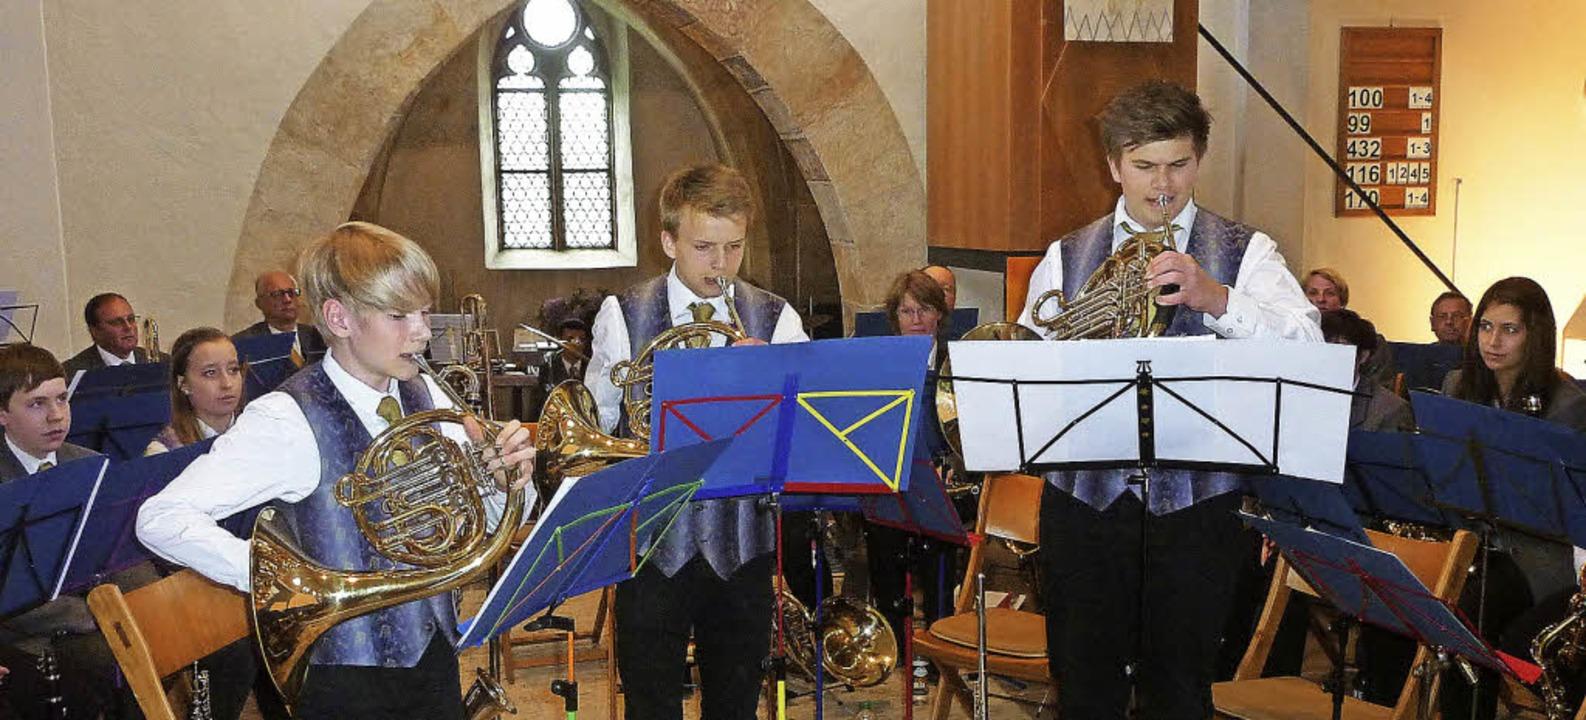 Klanglicher Beweis für die musikalisch... in der Teninger evangelischen Kirche.    Foto: Karlernst Lauffer